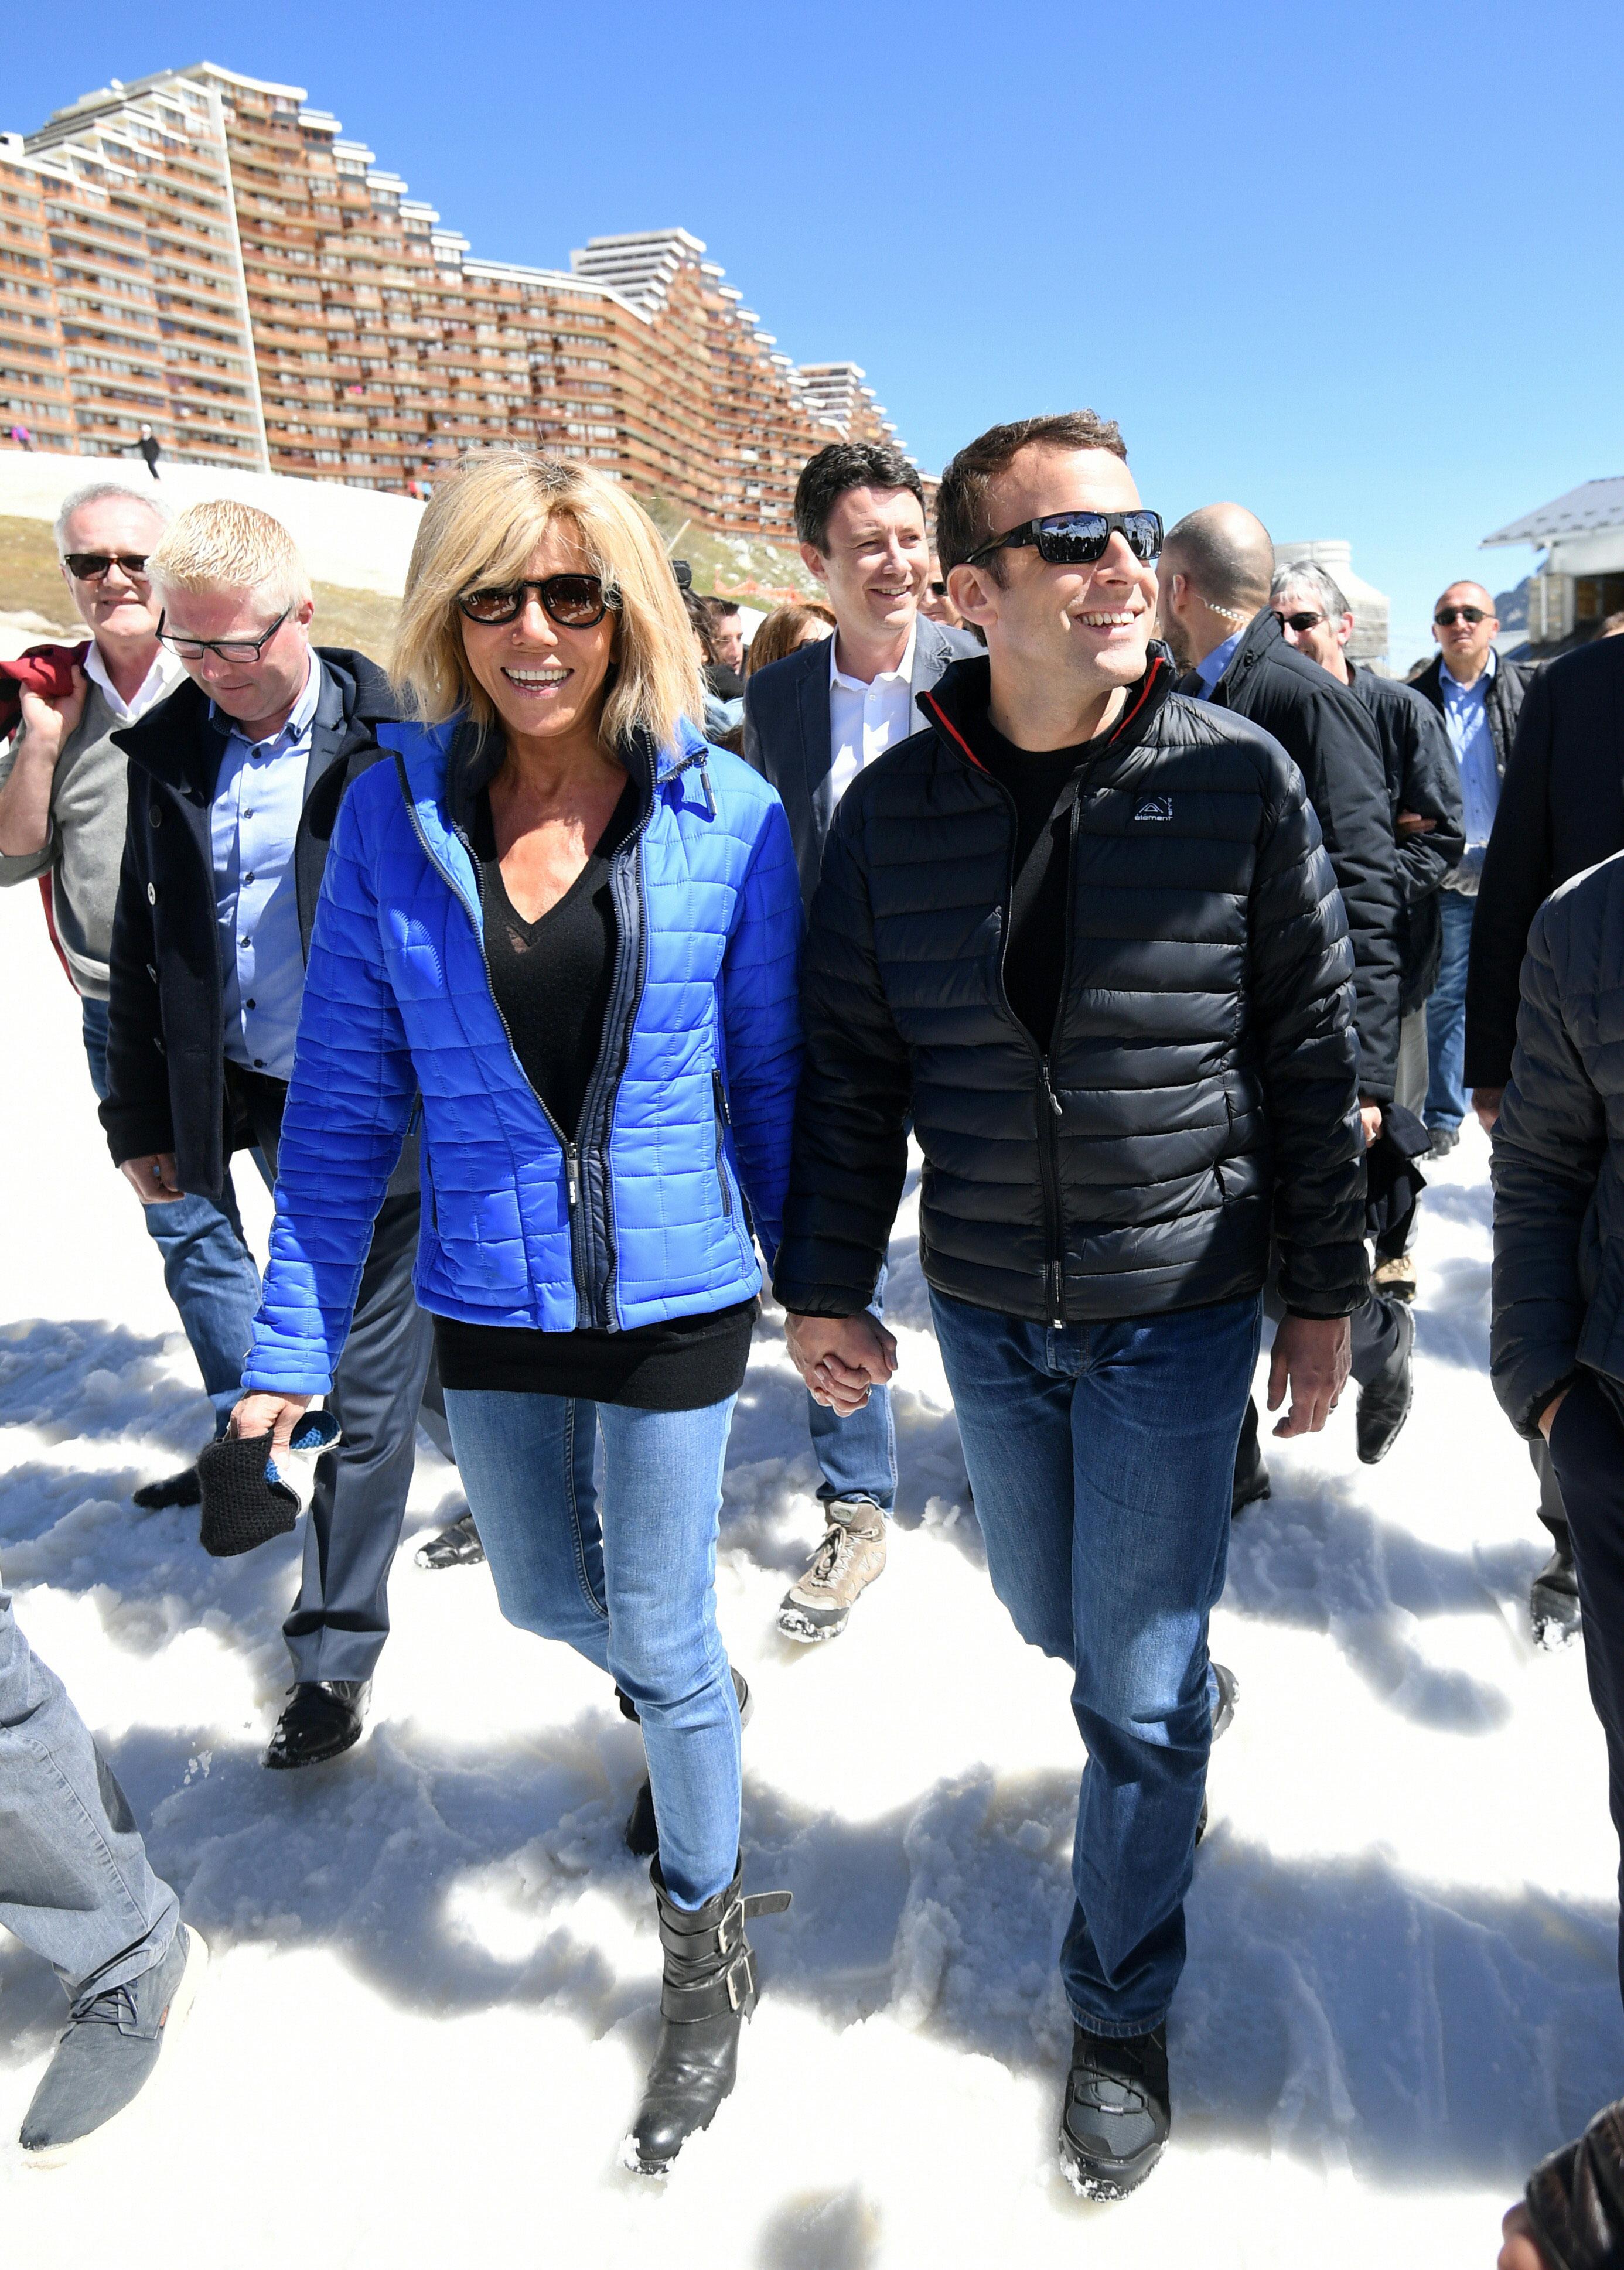 Informales, el presidente de Francia y su esposa, también apuestan por los looks descontracturados. Foto AP.